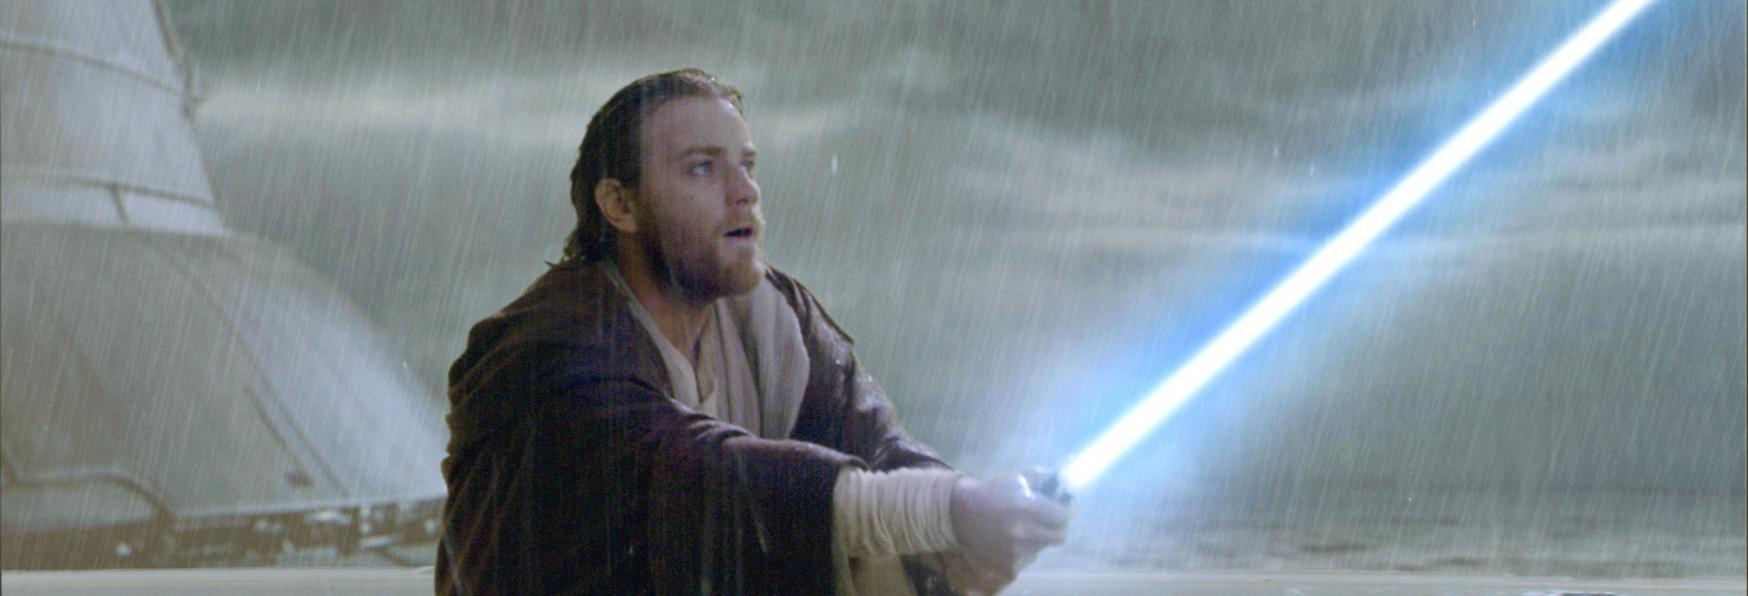 Obi-Wan Kenobi: un Video dal Set della nuova Serie TV ambientata nell'Universo Star Wars